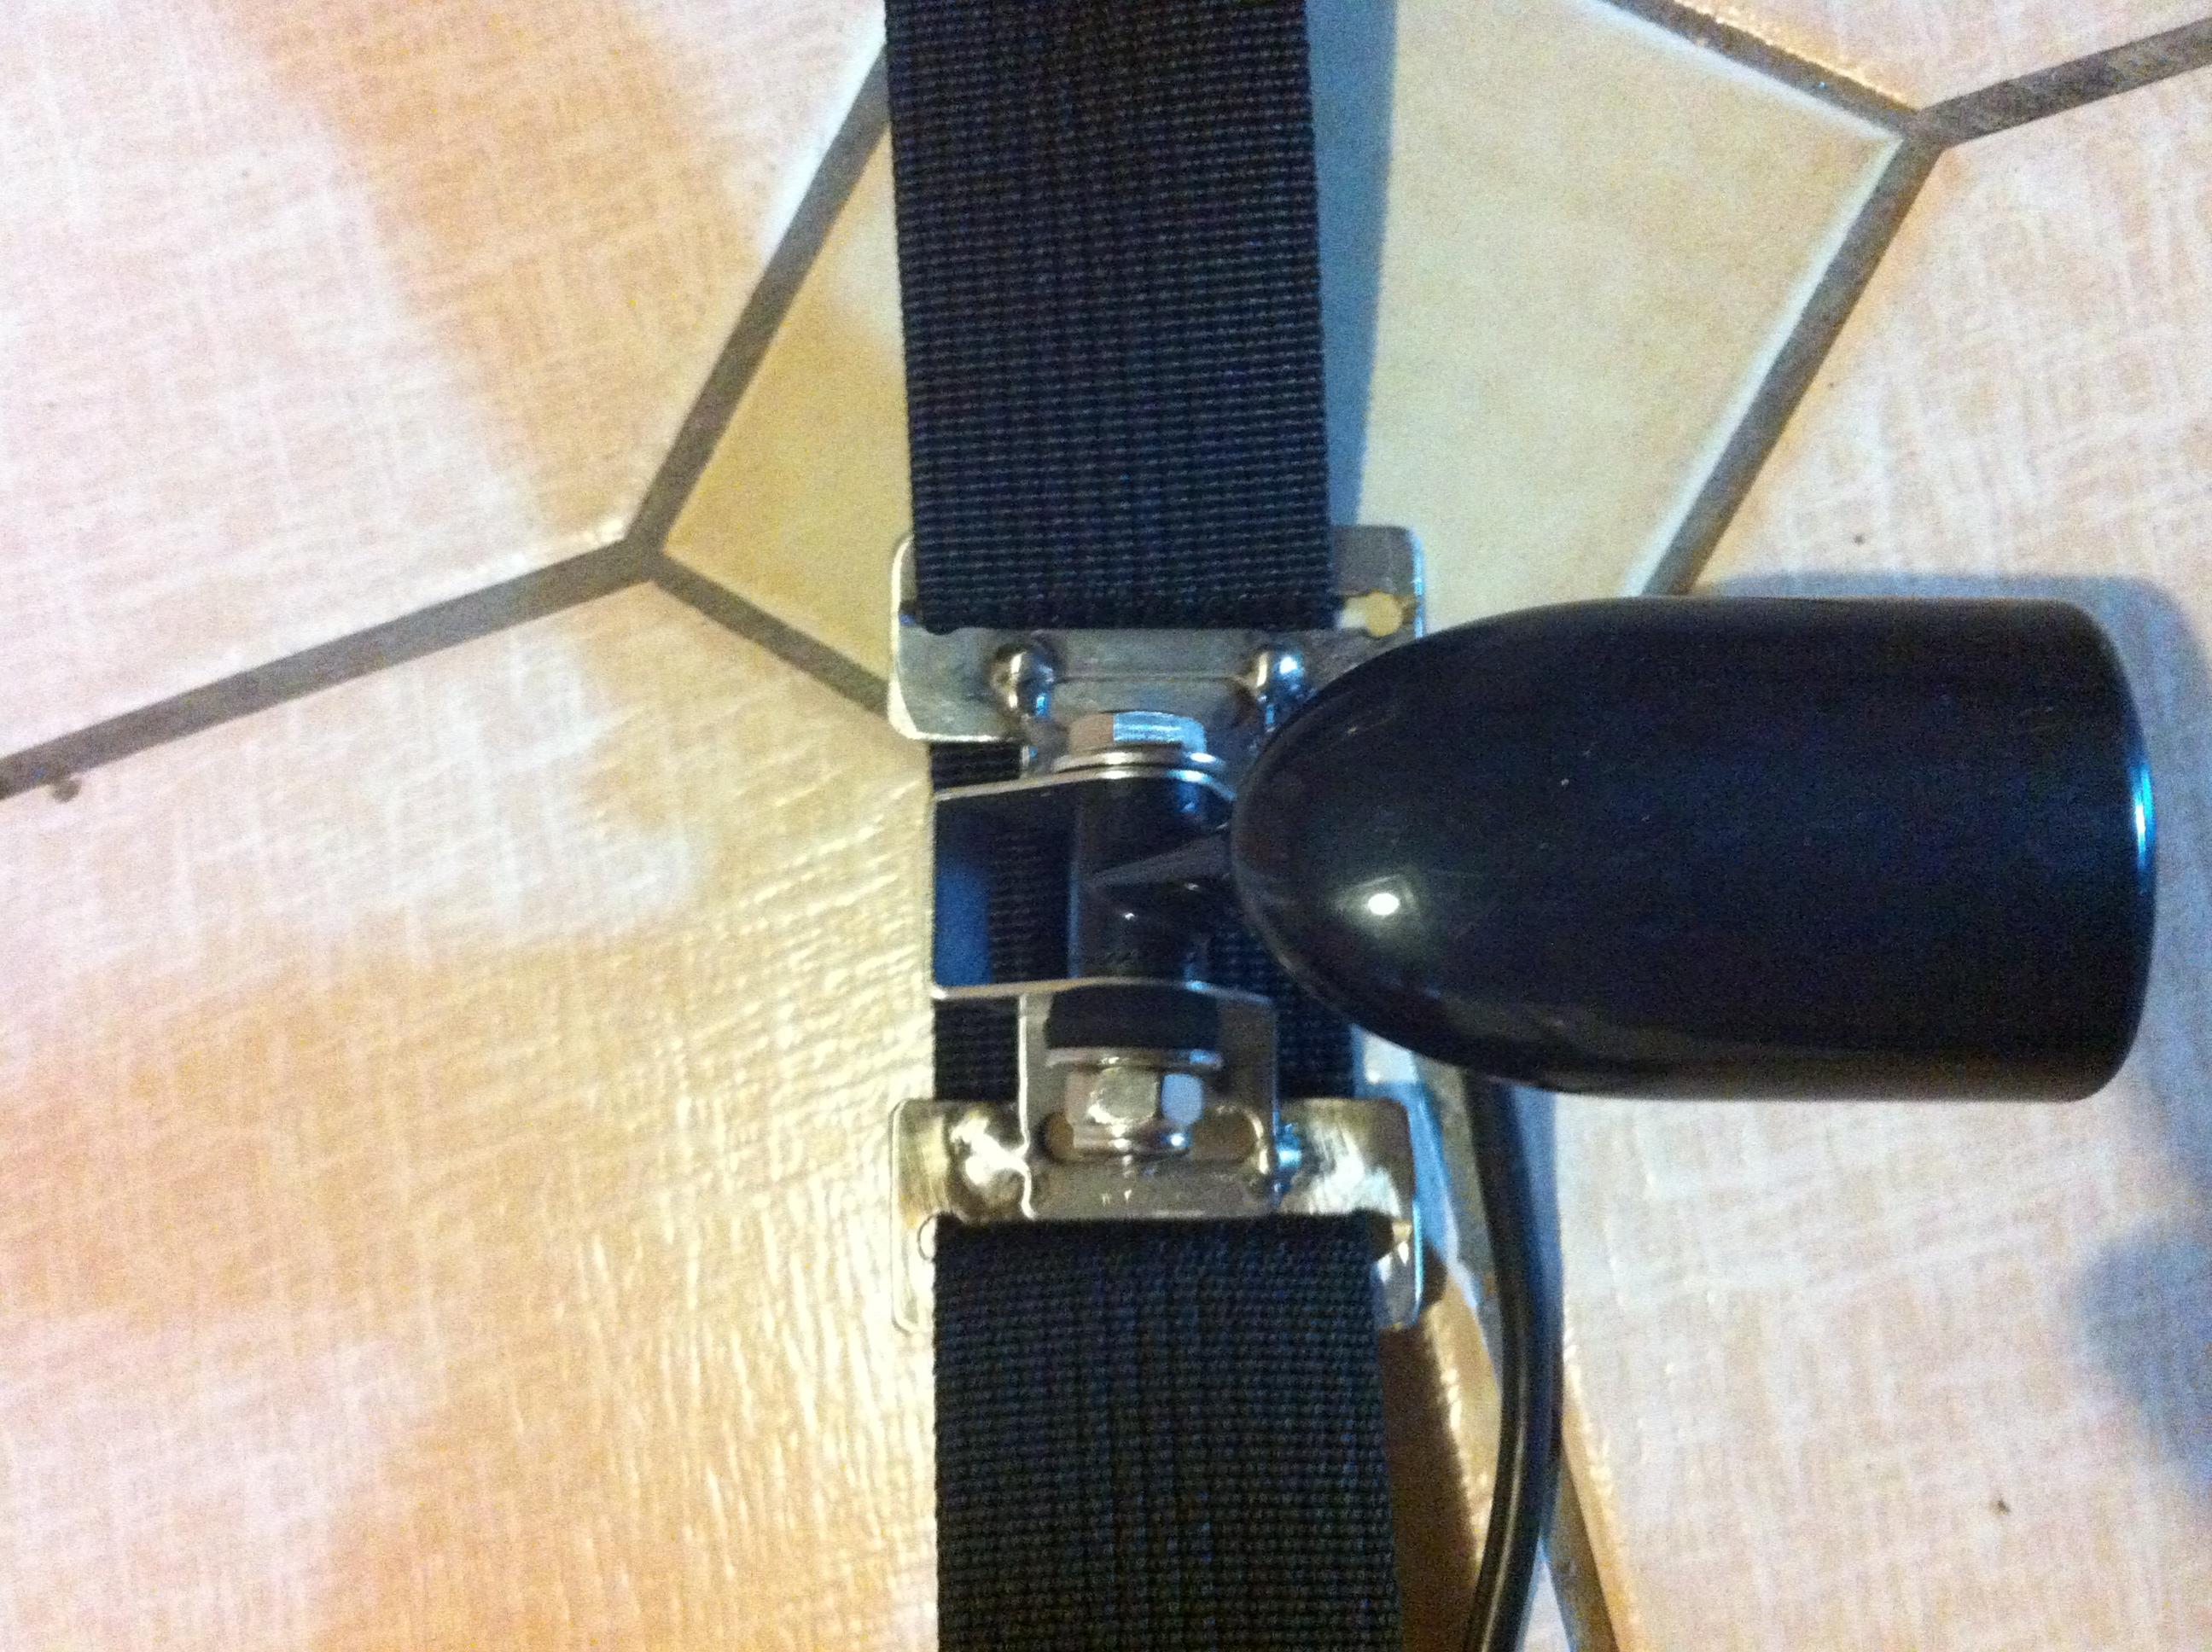 batterie pour echo sondeur + achat sondeur - Page 2 671854IMG1198